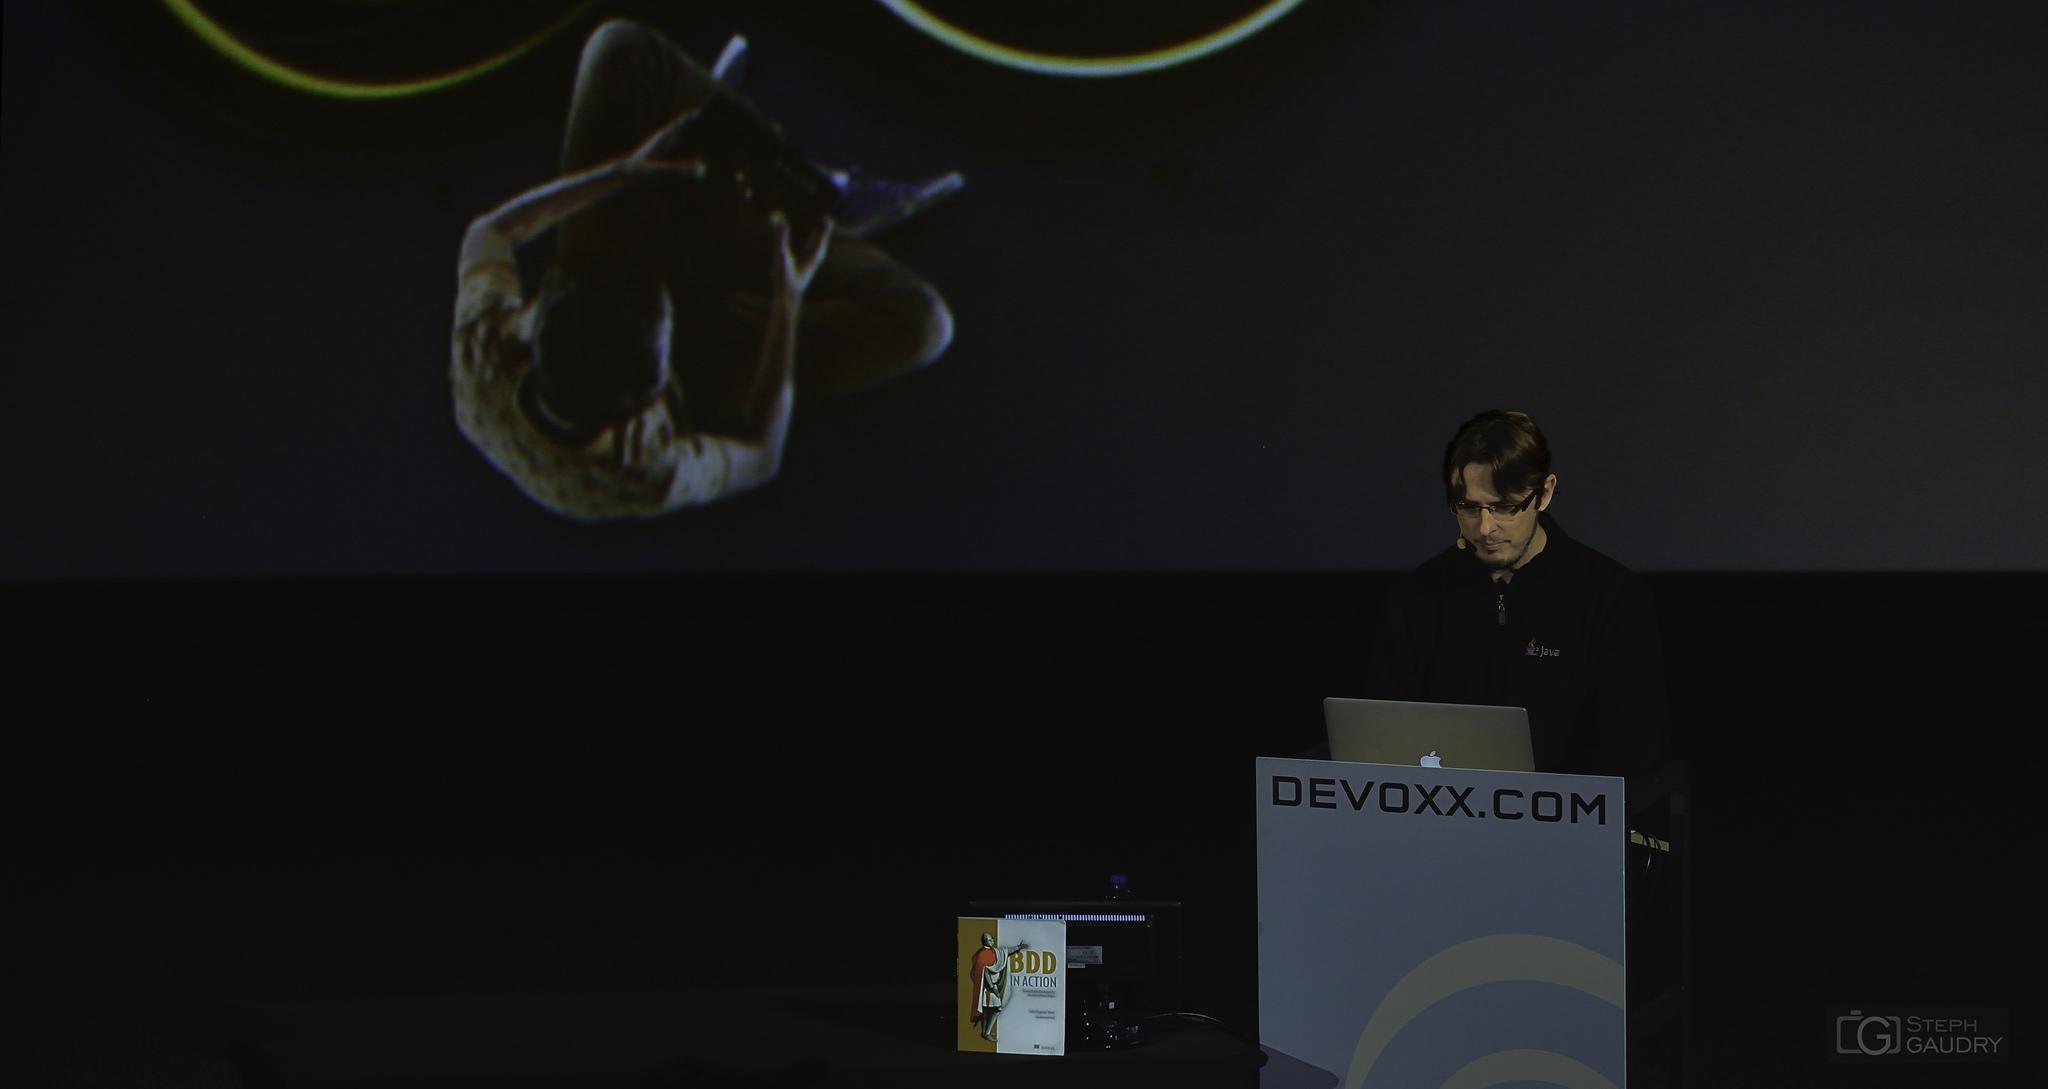 Devoxx 2014 - John Smart  - BDD in action [Cliquez pour lancer le diaporama]